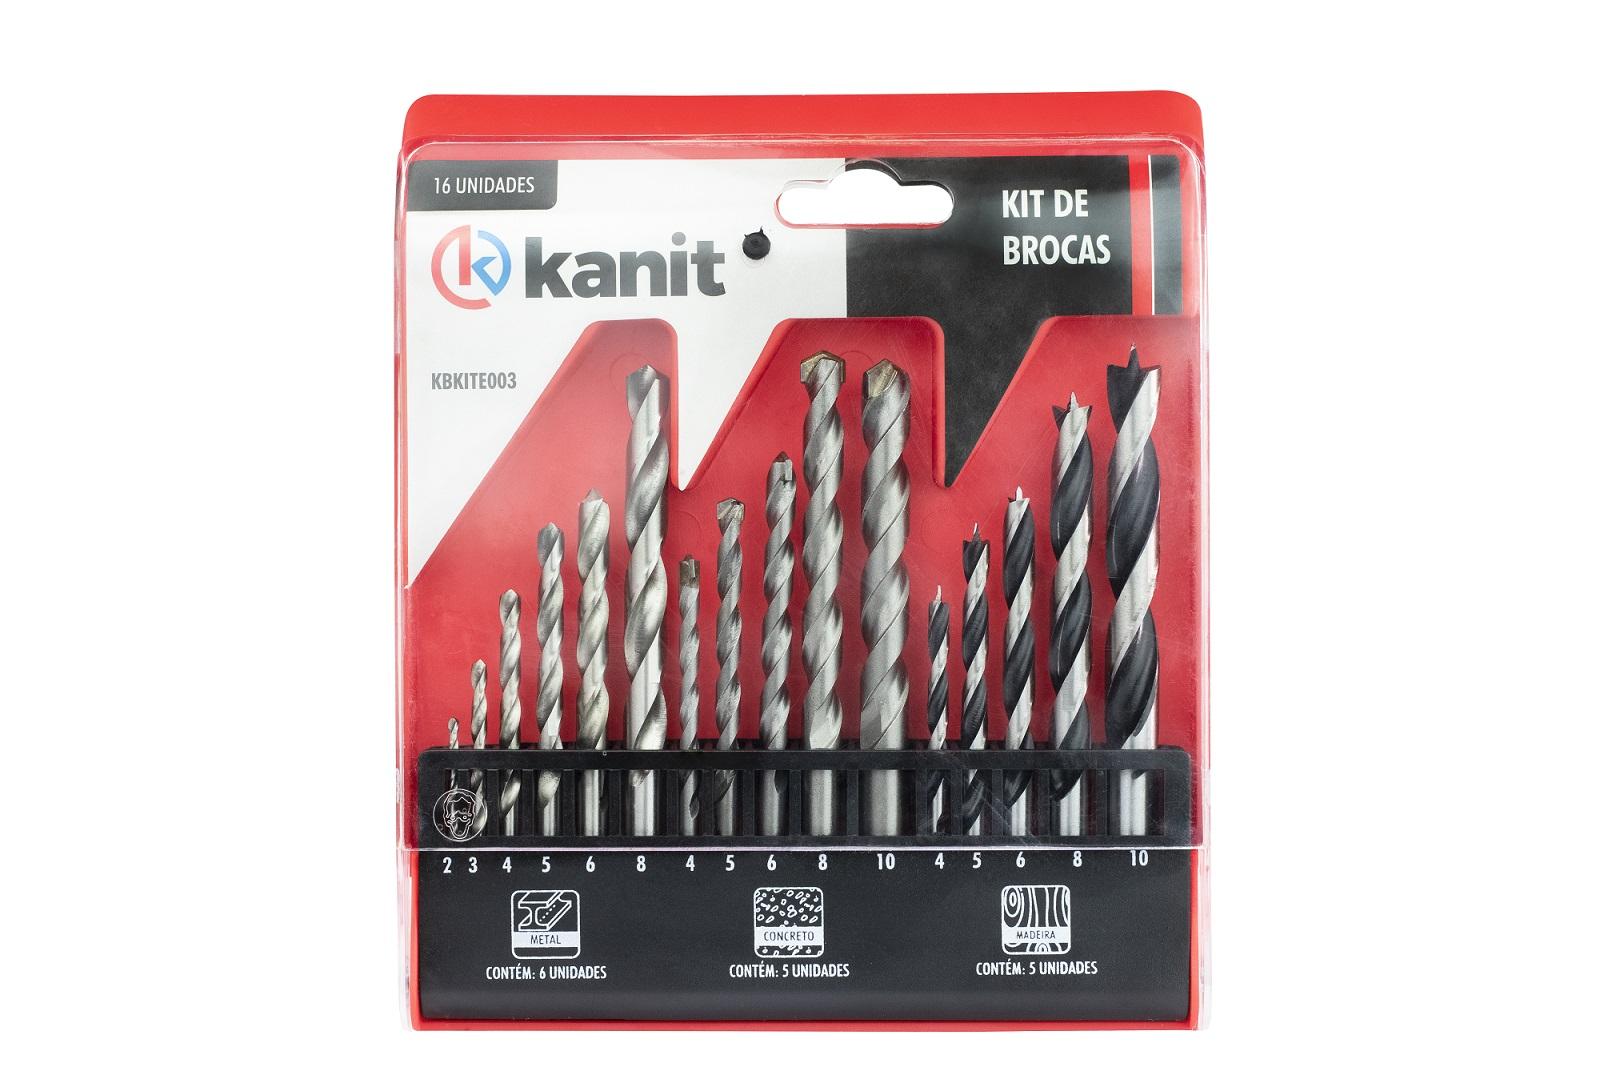 Kit de 16x Brocas  para Alvenaria / Concreto / Madeira / Metal - Kanit